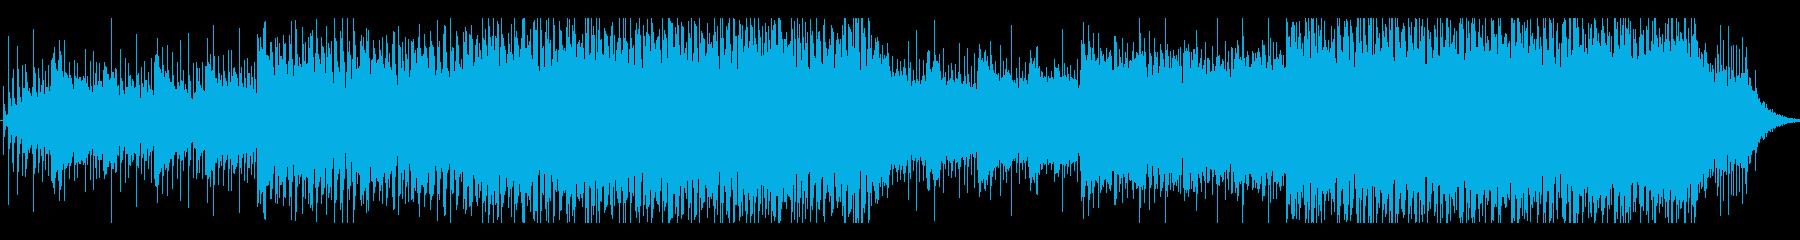 ポップ テクノ ロック ファンク ...の再生済みの波形